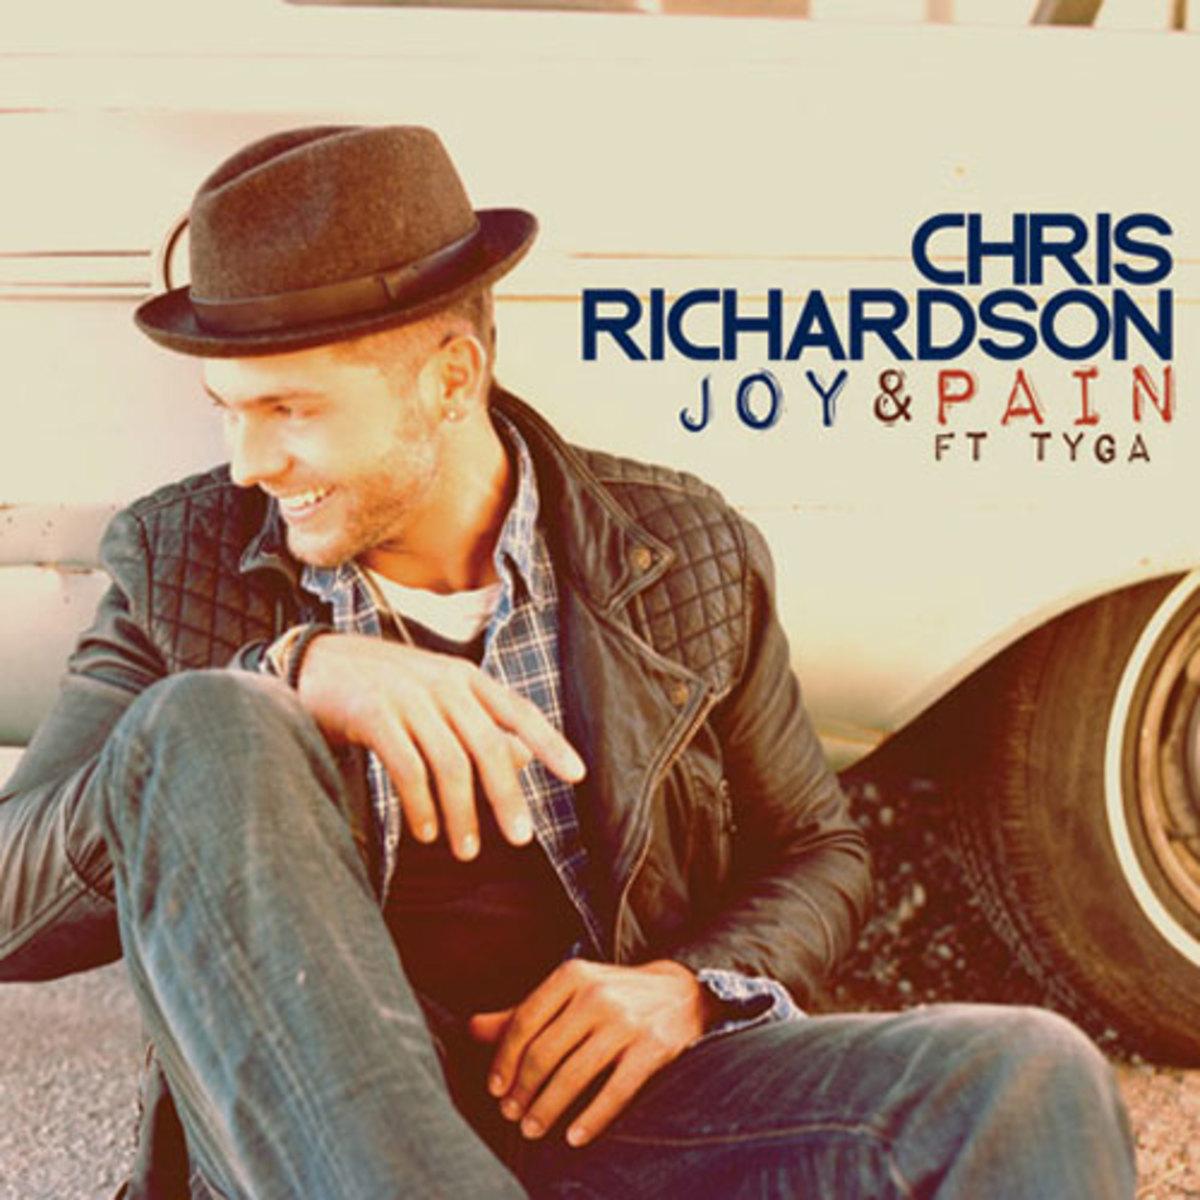 chrisrichardson-joypain.jpg